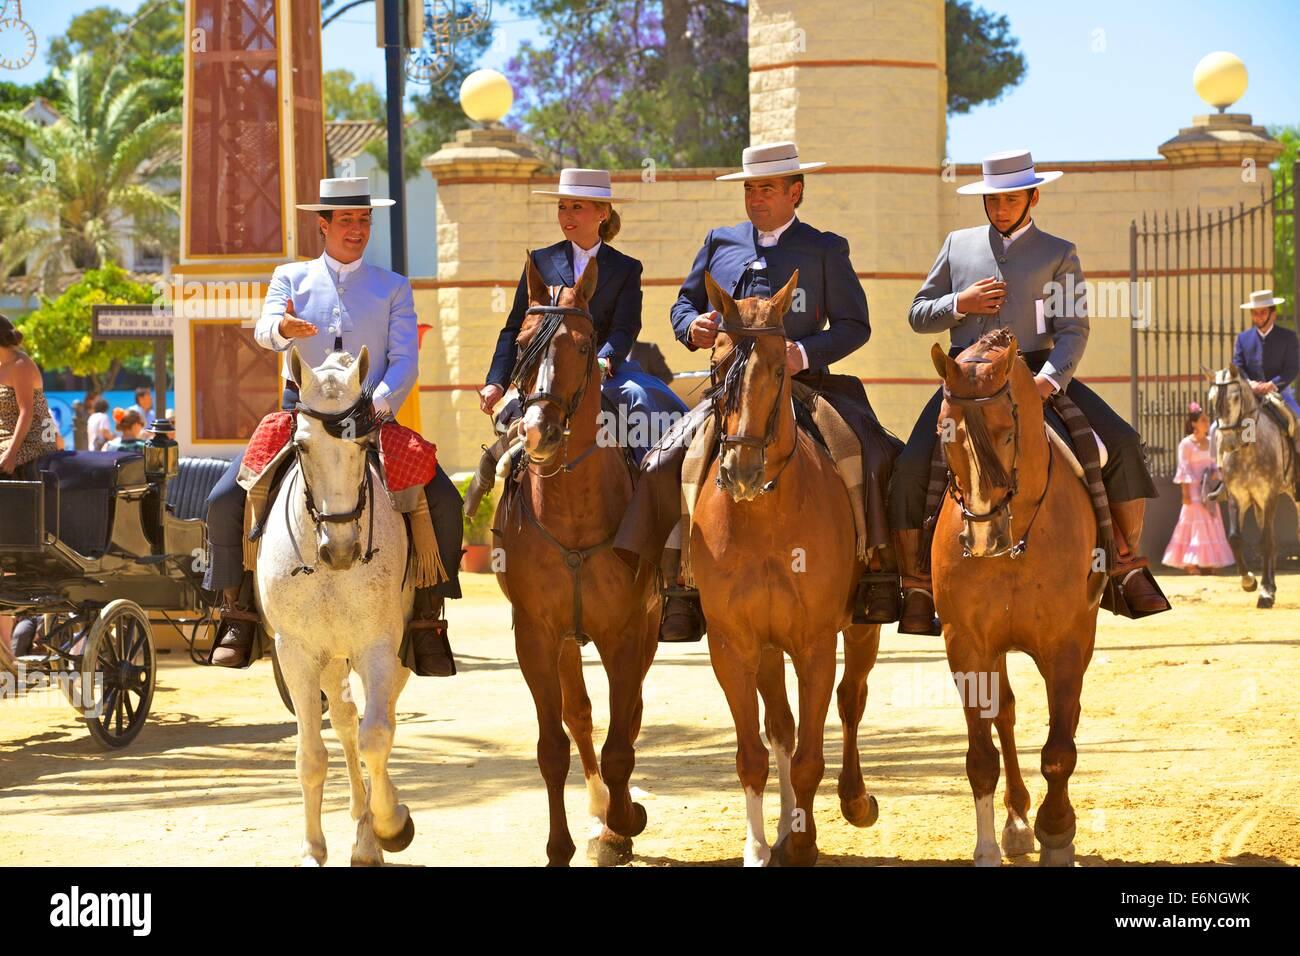 Spanische Reiter in Tracht, jährliche Pferdemesse, Jerez De La Frontera, Provinz Cadiz, Andalusien, Spanien, Stockbild